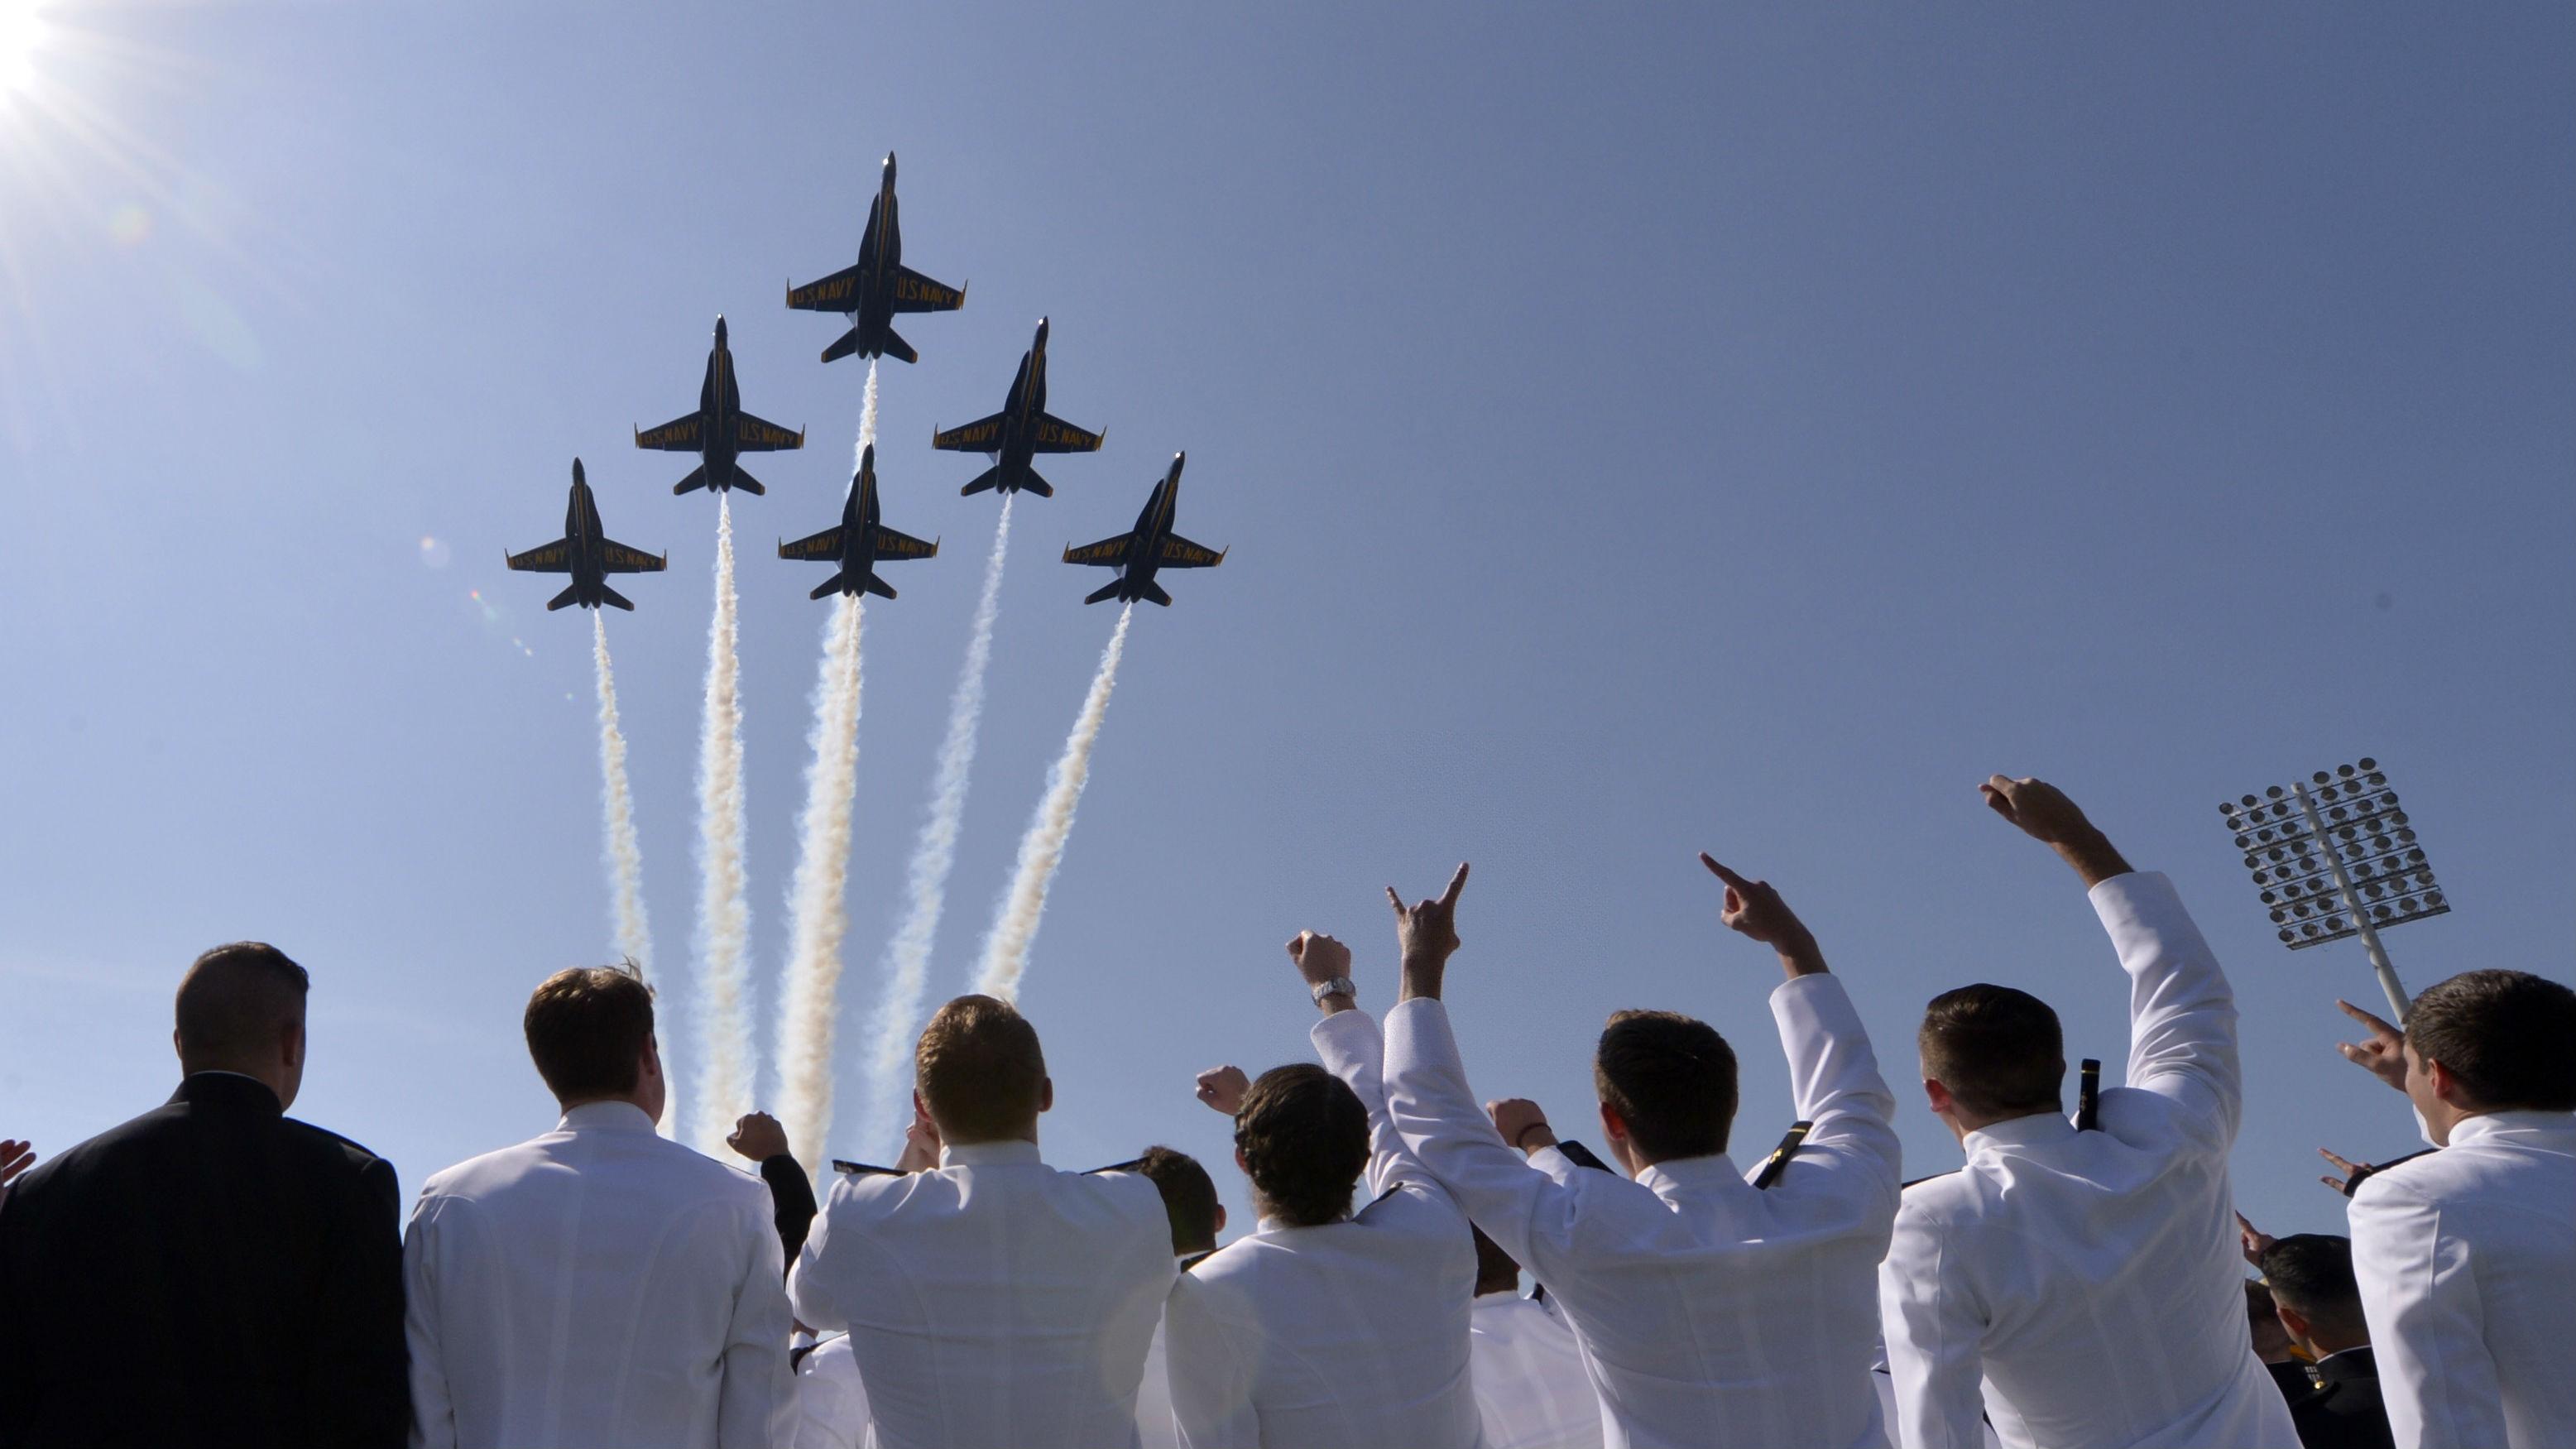 英媒:10年来美国海军陆战队一级飞行事故翻倍